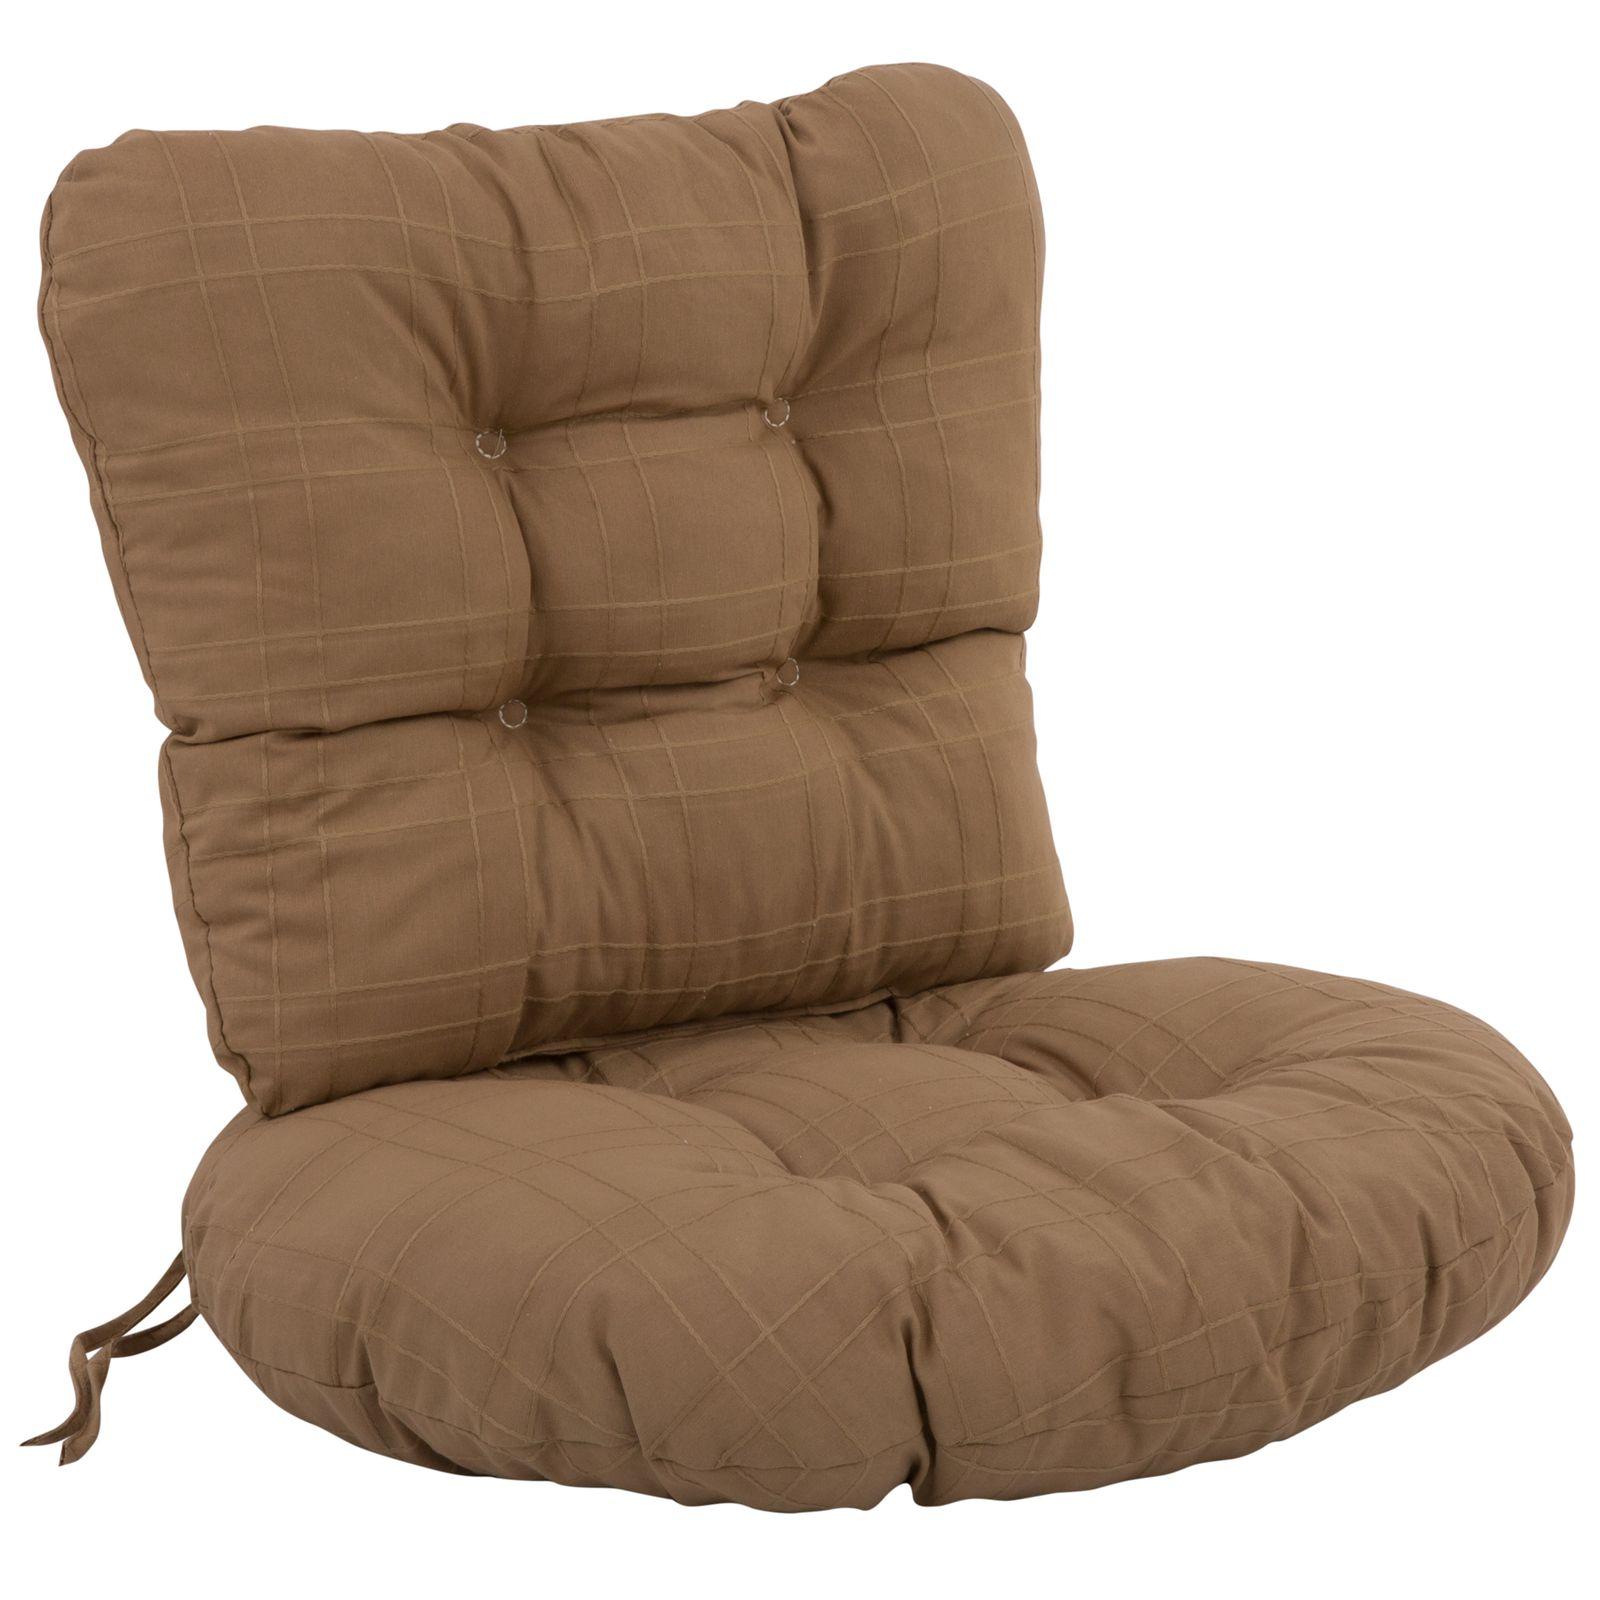 Conjunto de cojines para sillón 55 cm Marocco D016-04LB PATIO